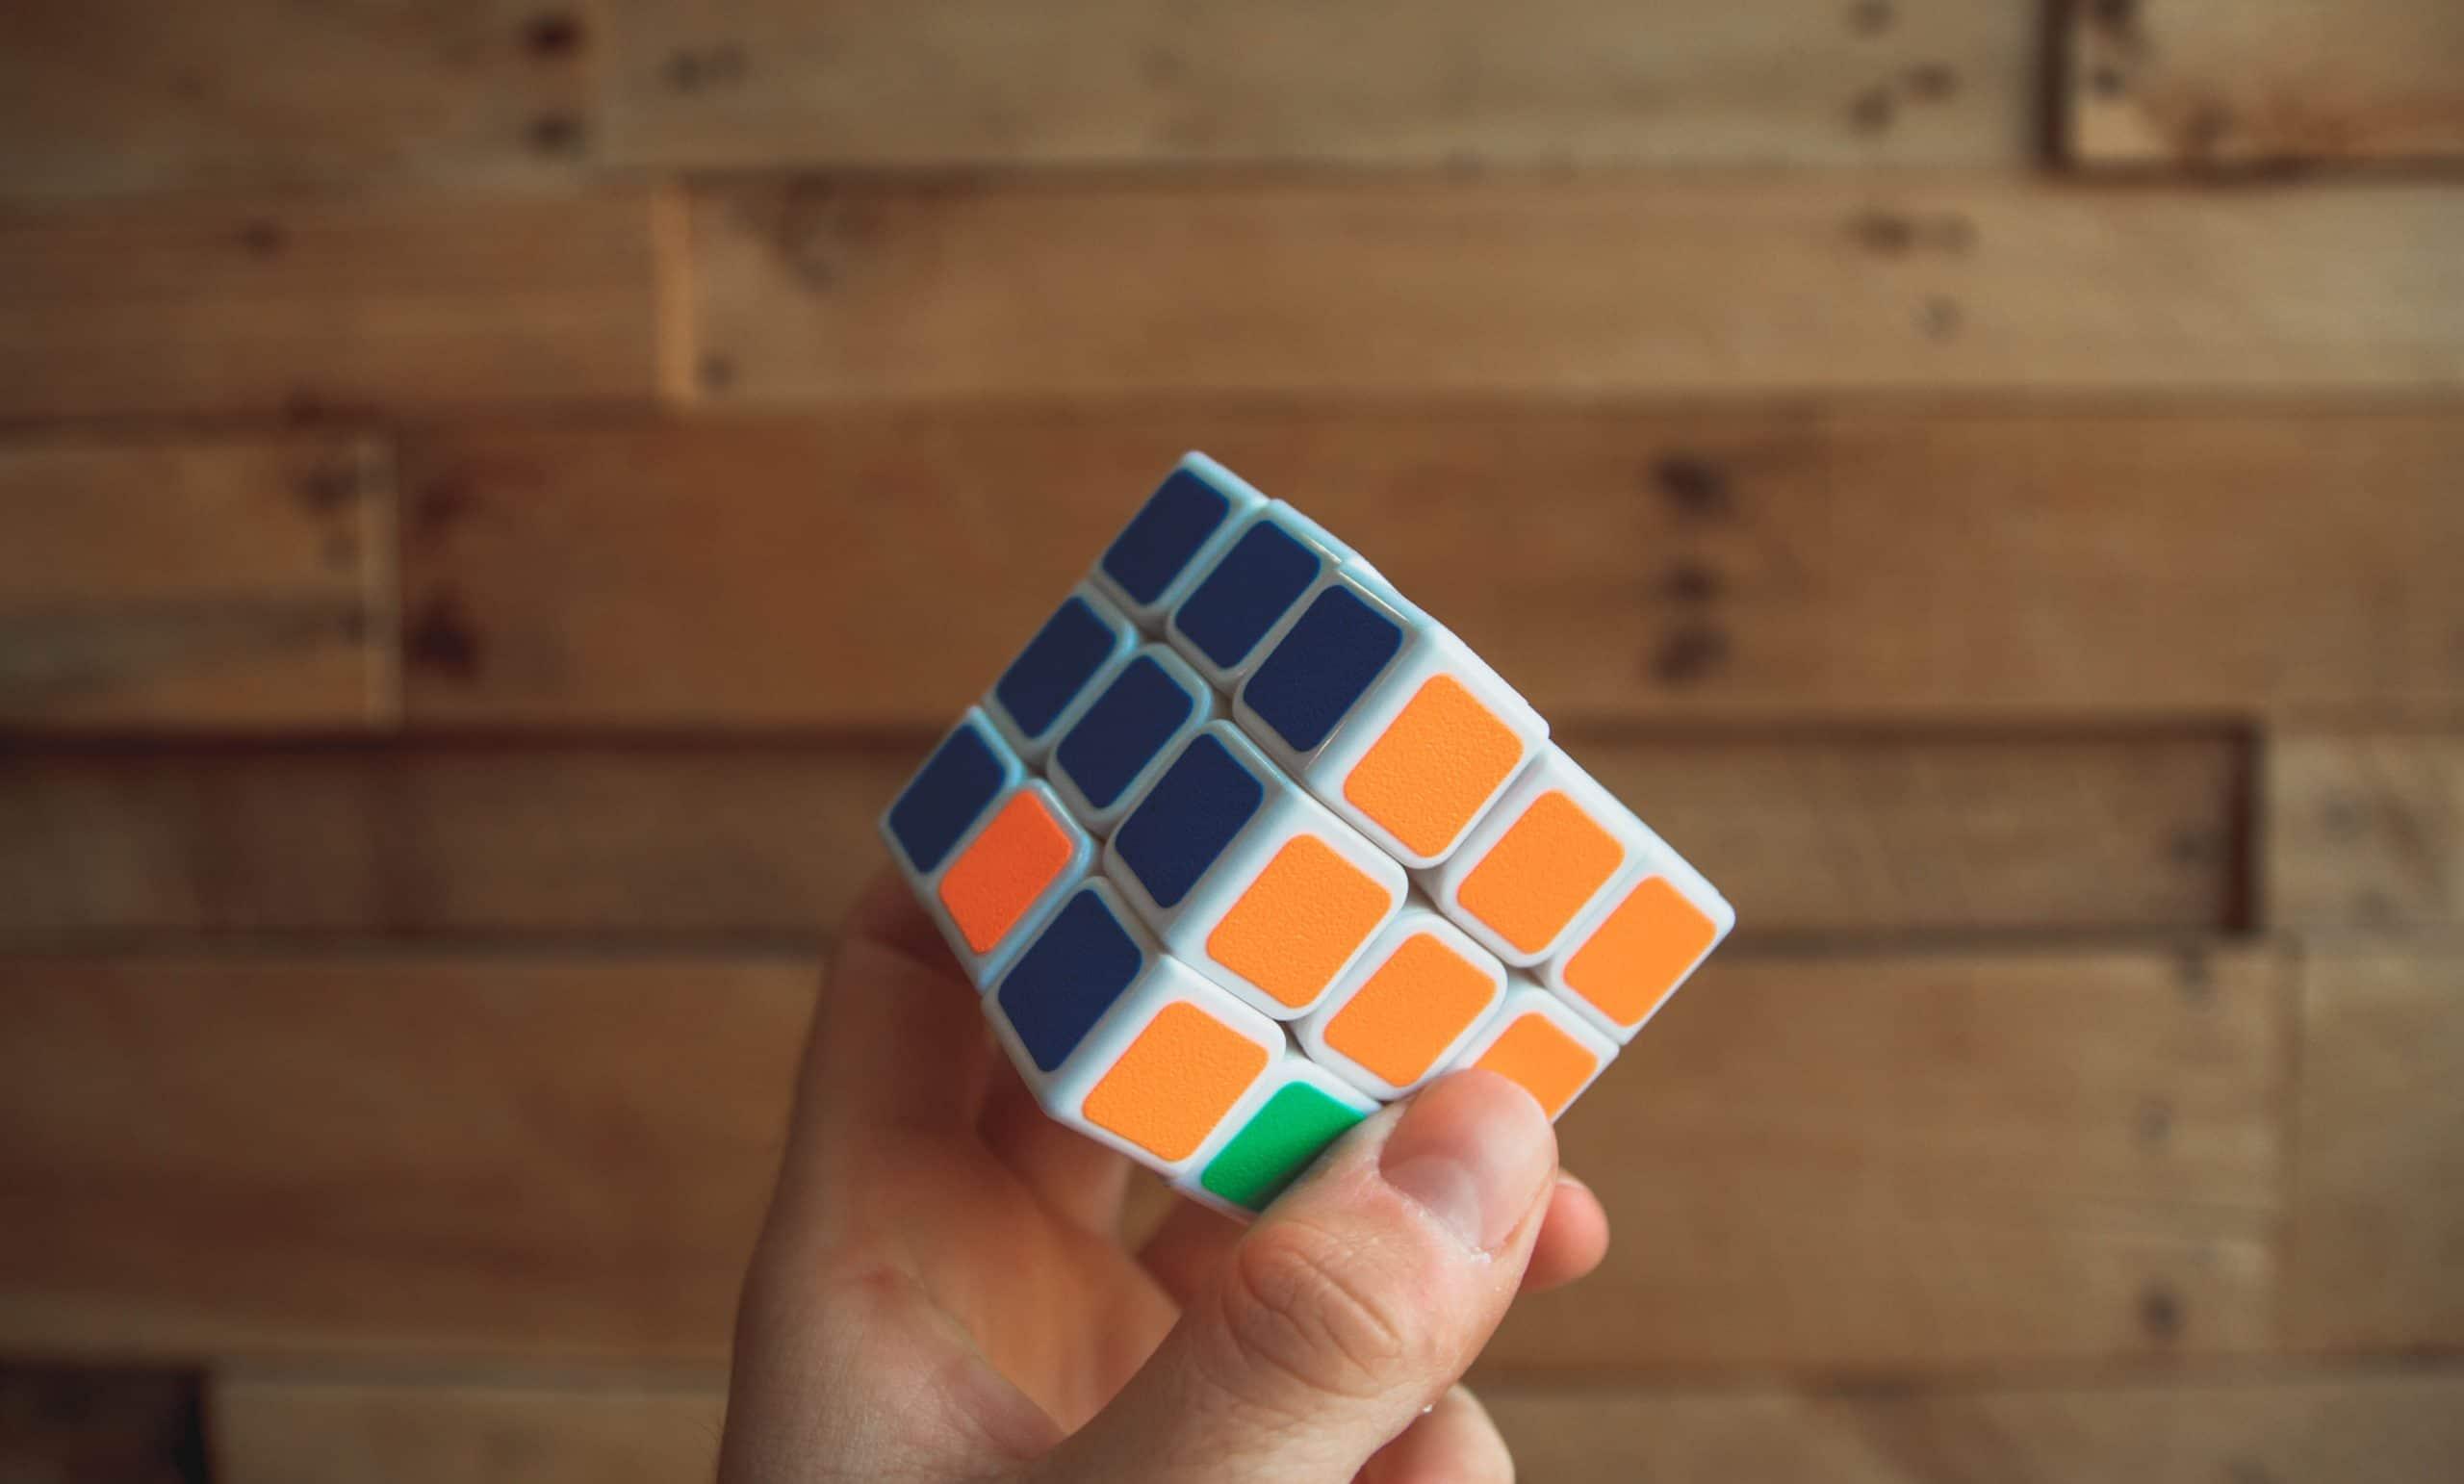 Rubik's Cube représentant la stratégie de social selling à mettre en place.